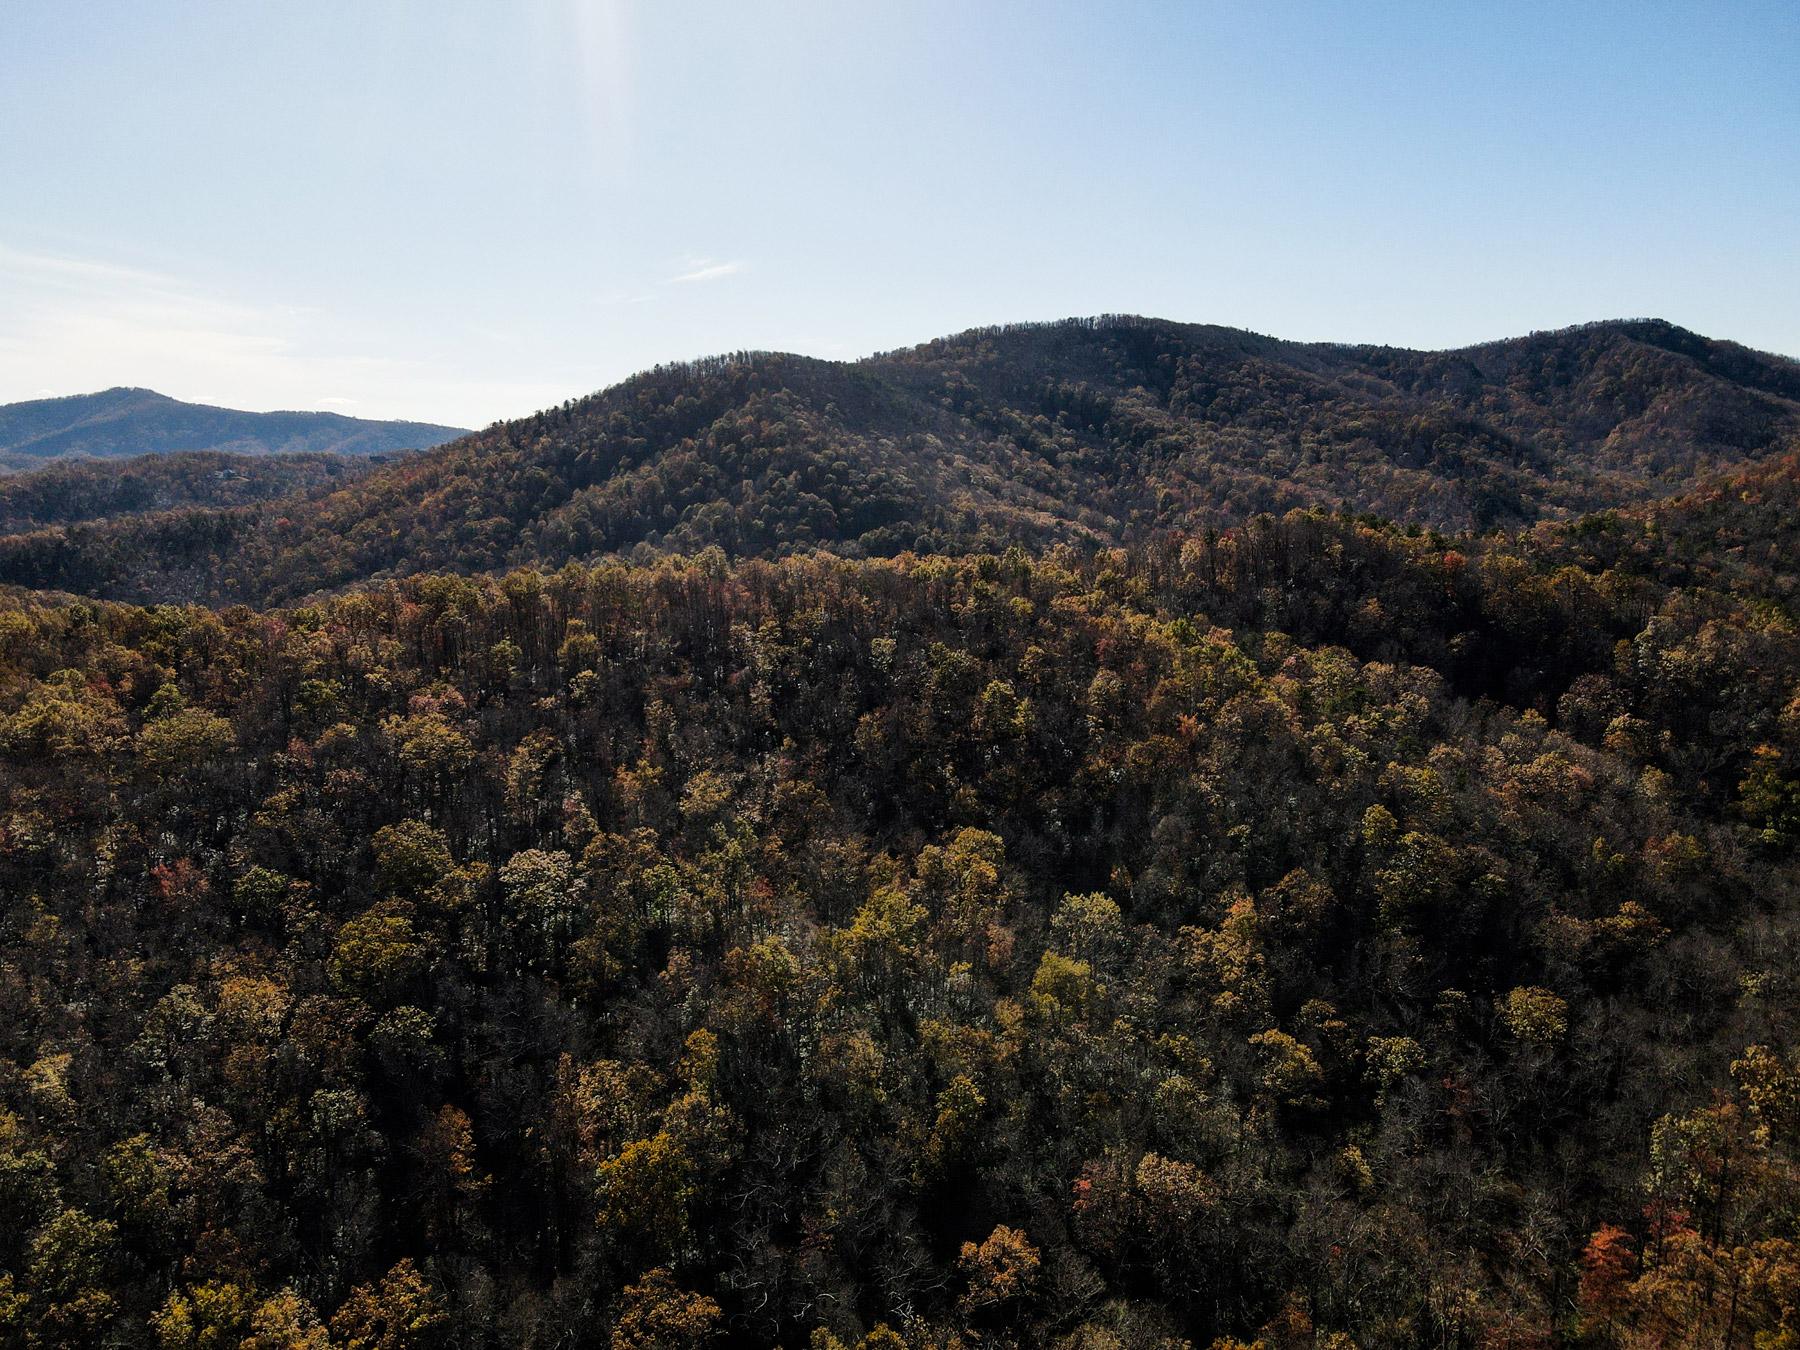 Beautiful fall trees on Black Mountain in North Carolina